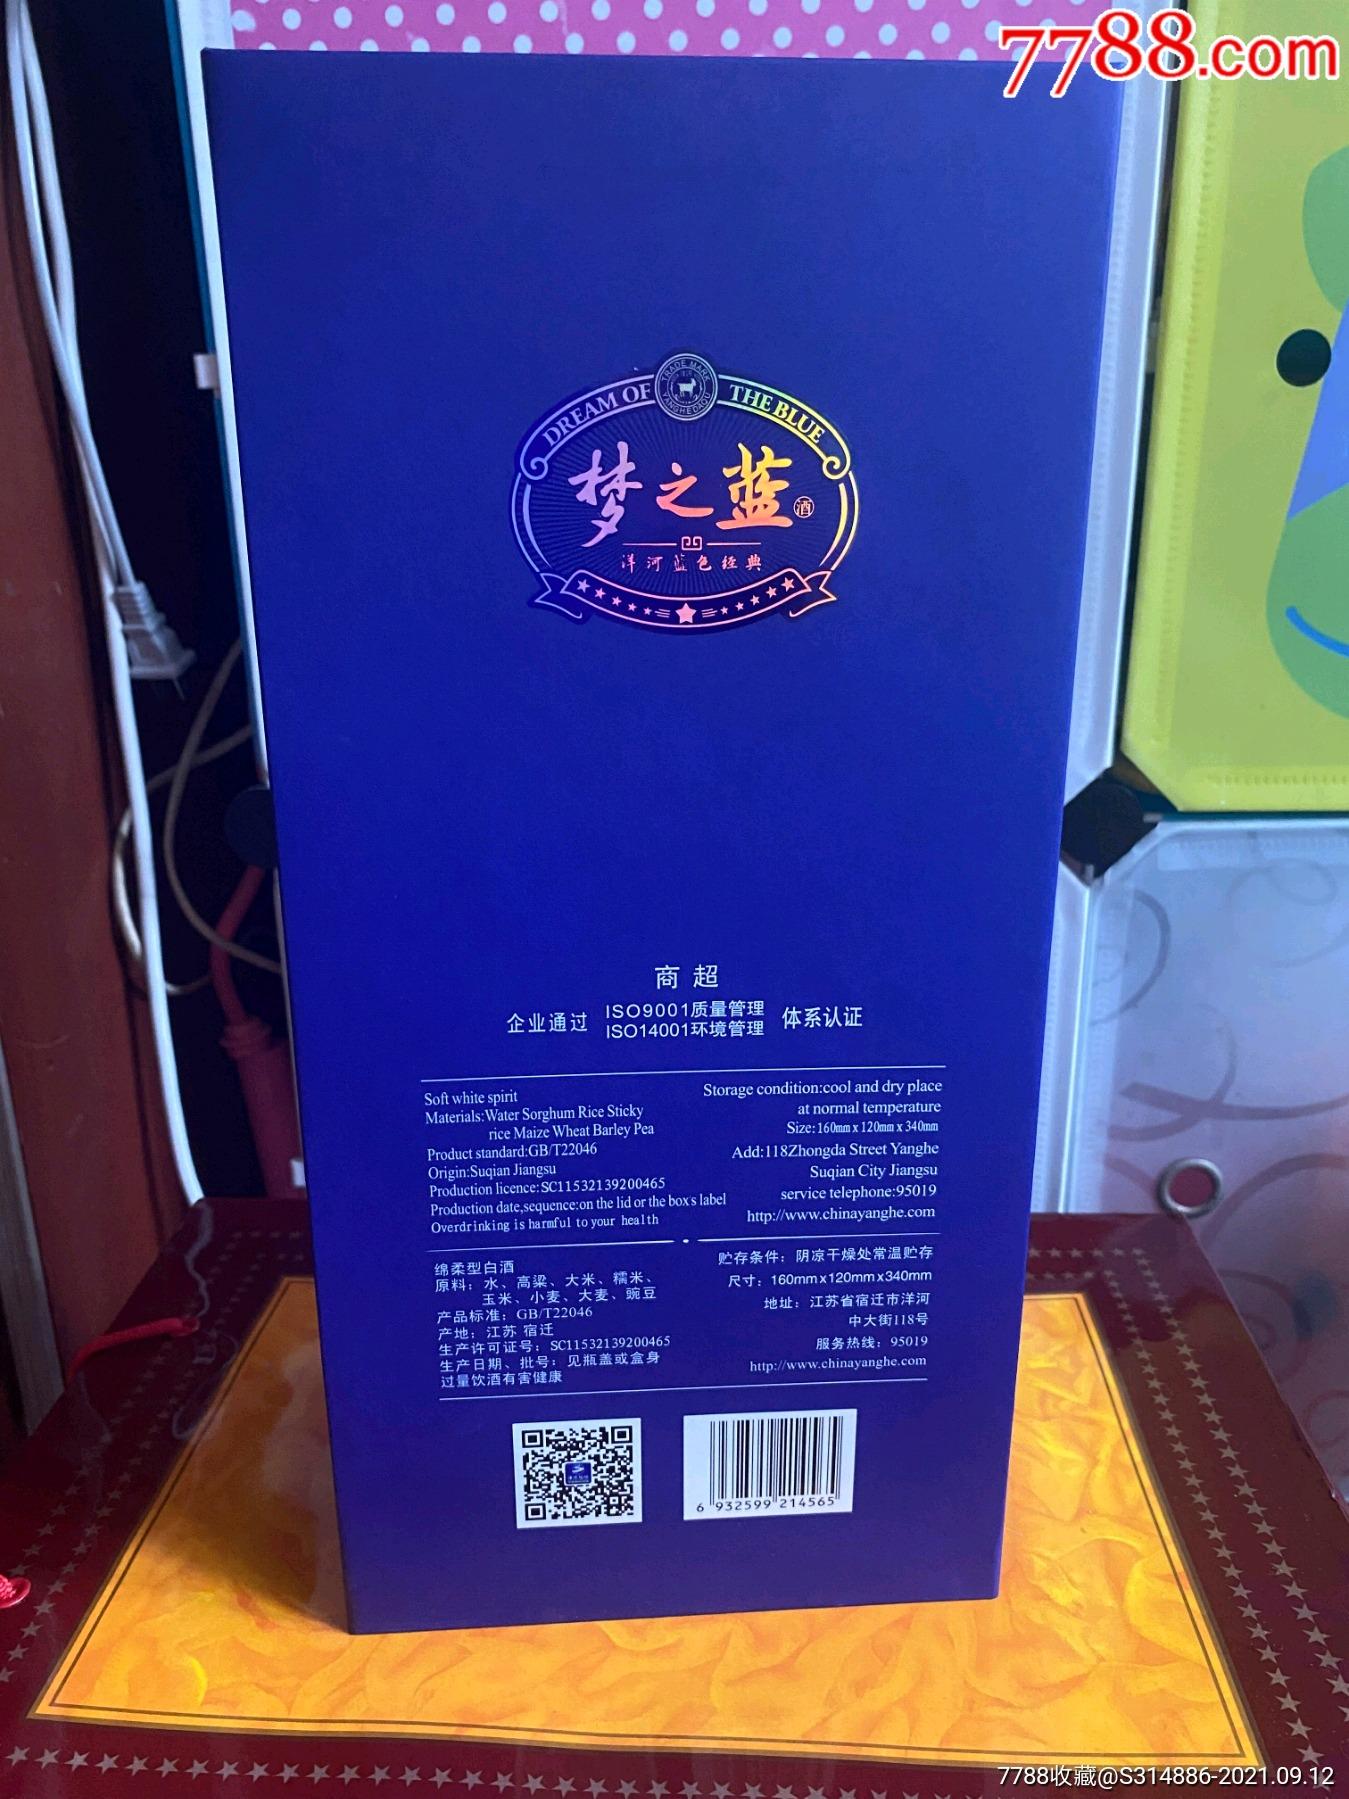 洋河梦之蓝m3_价格376元_第4张_